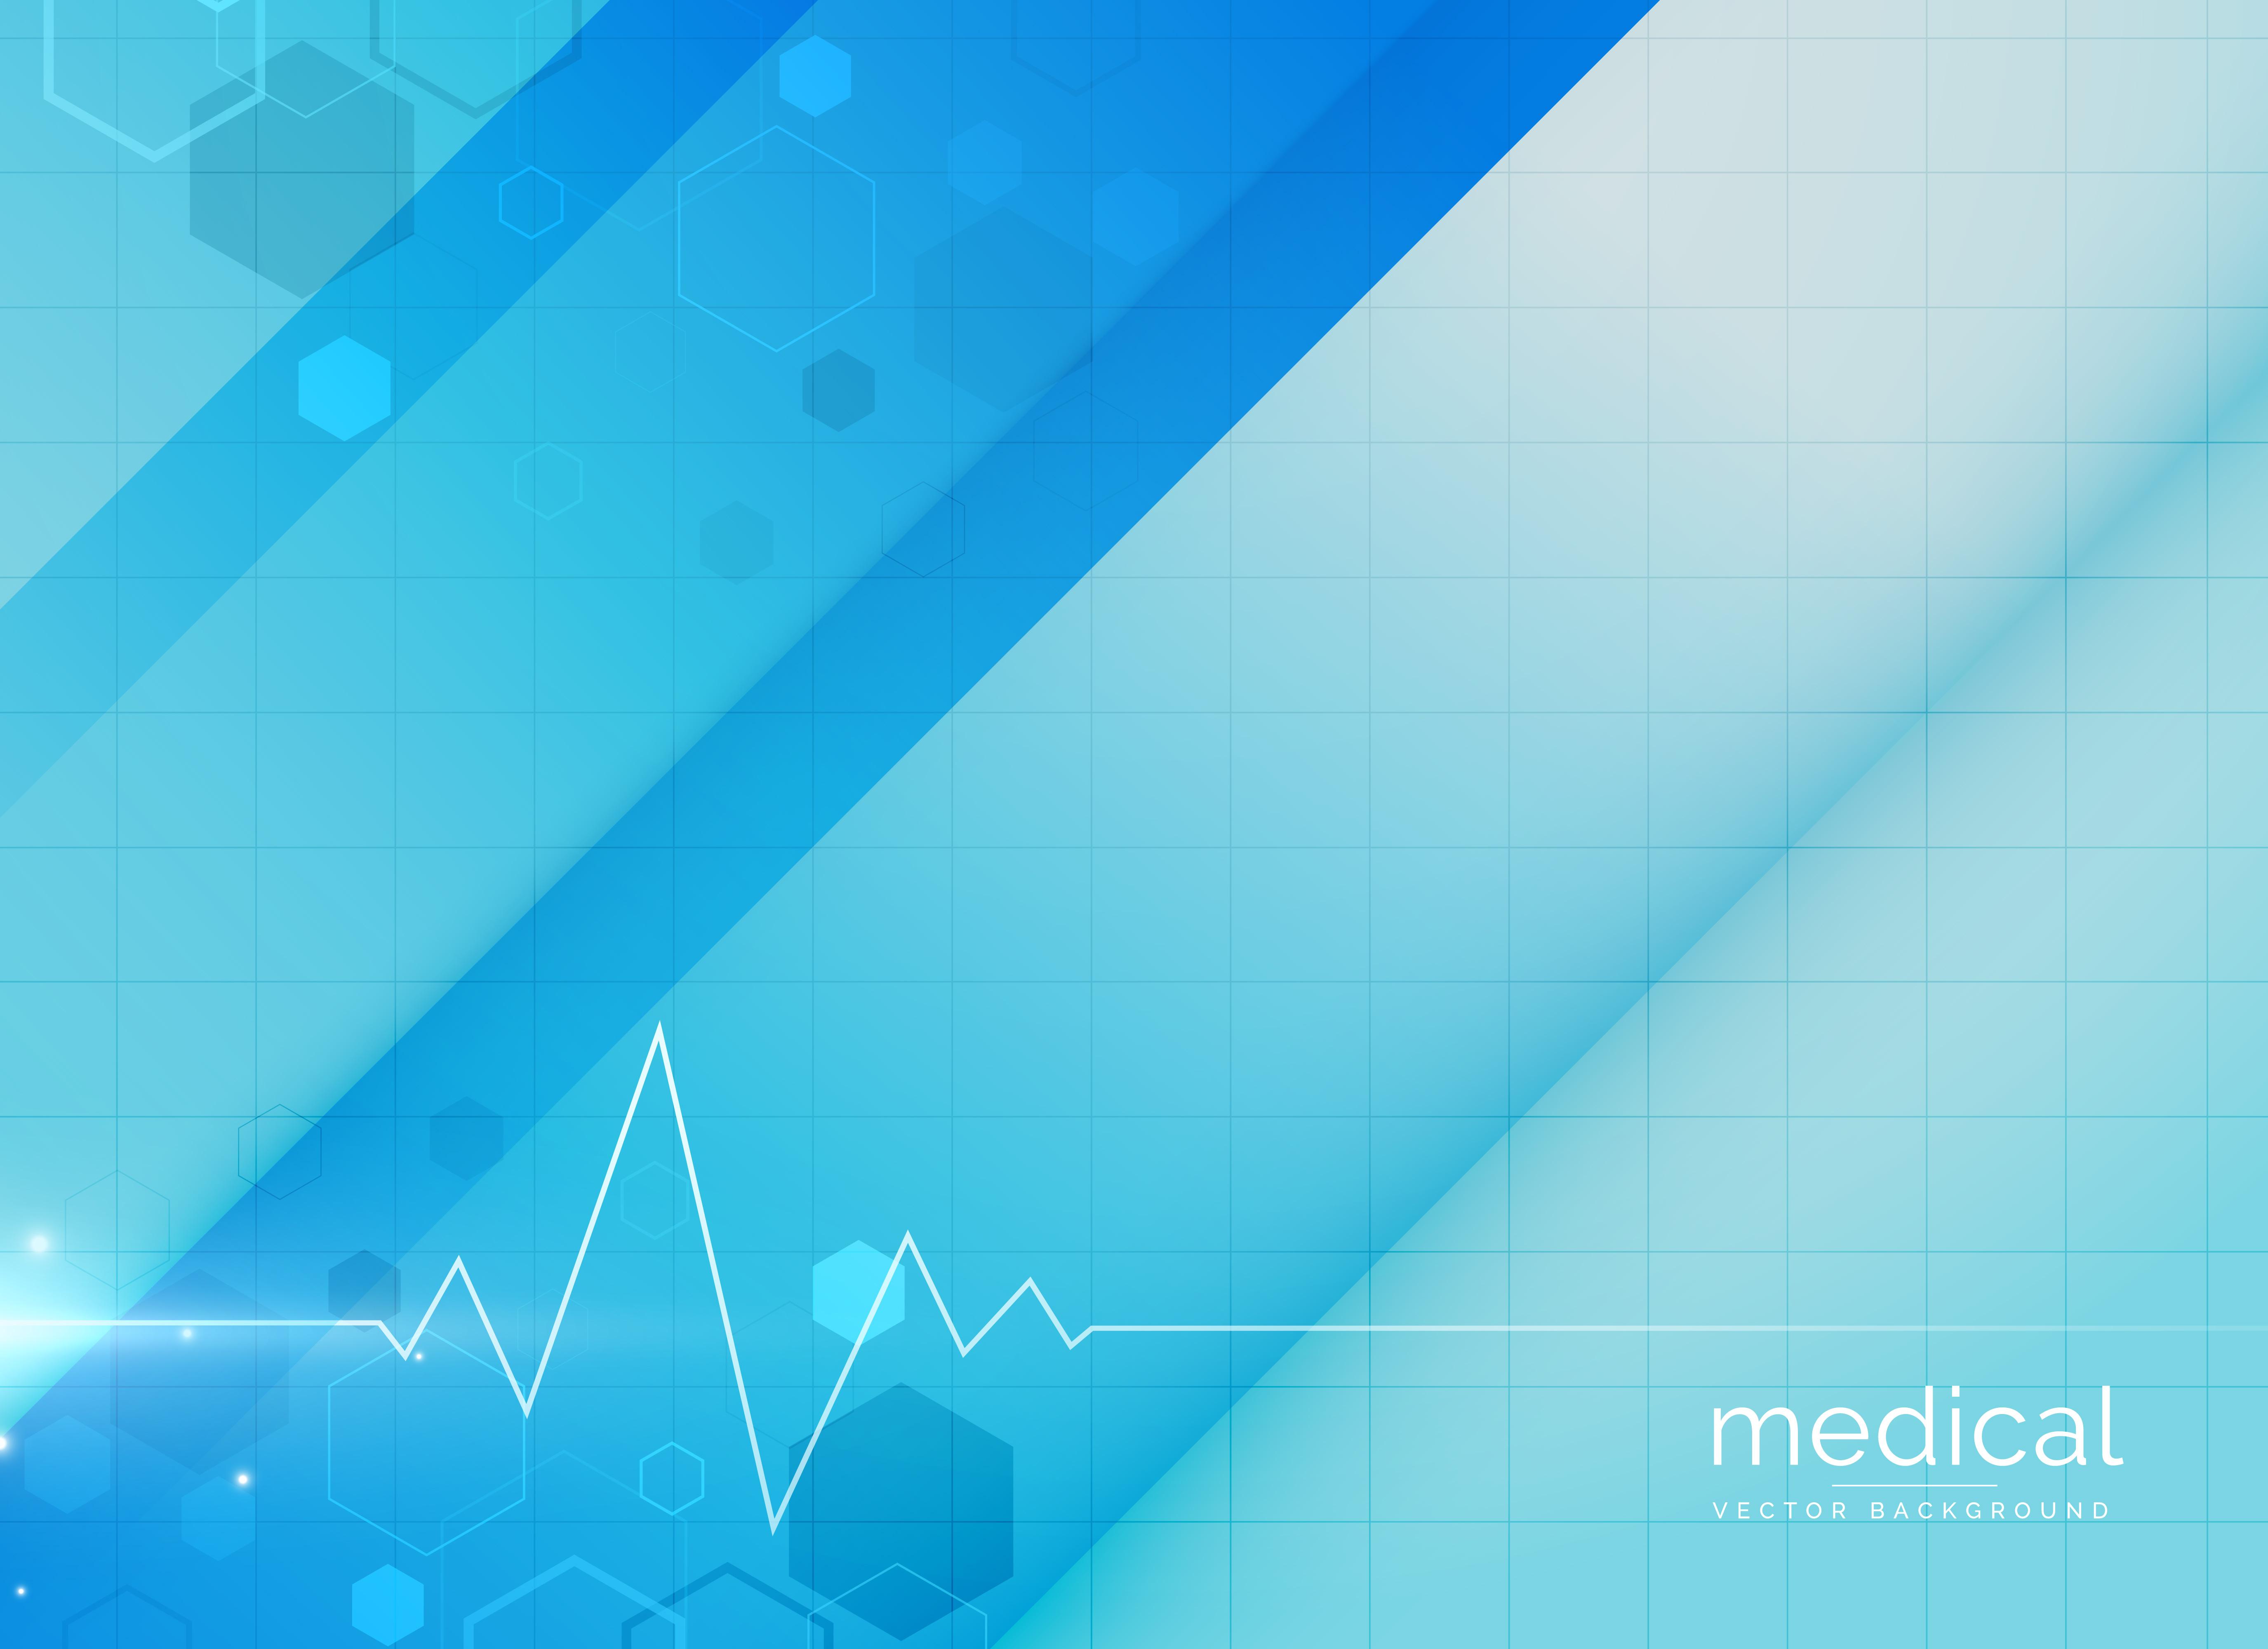 blue medical background design illustration download